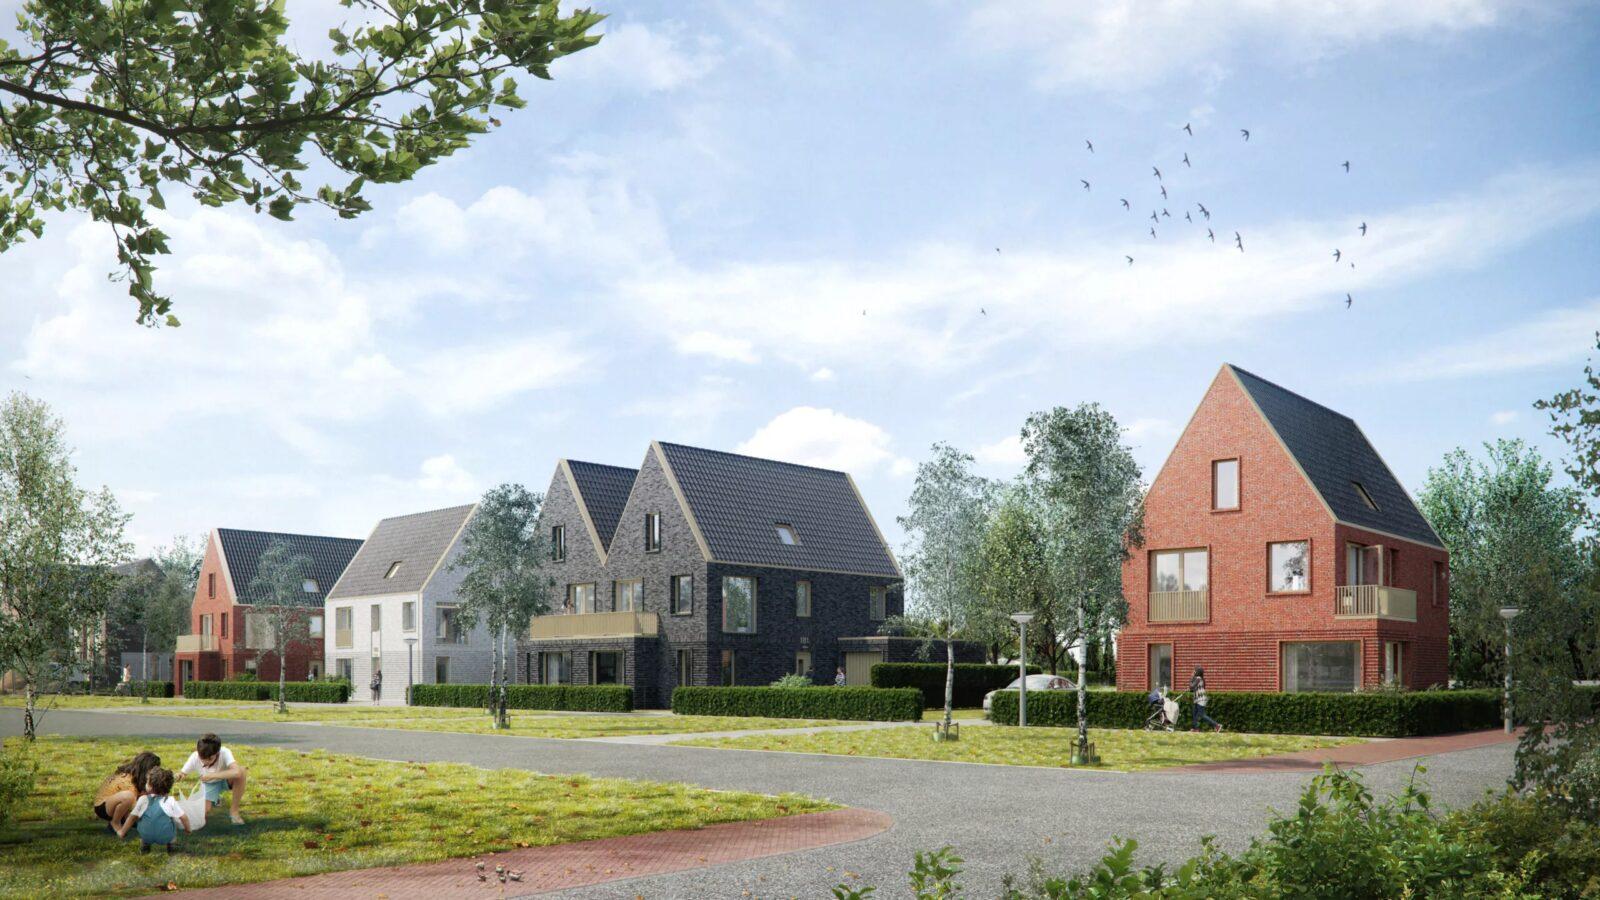 Nu in verkoop – project 'Groots wonen aan de kwelvaart' in Meeroevers